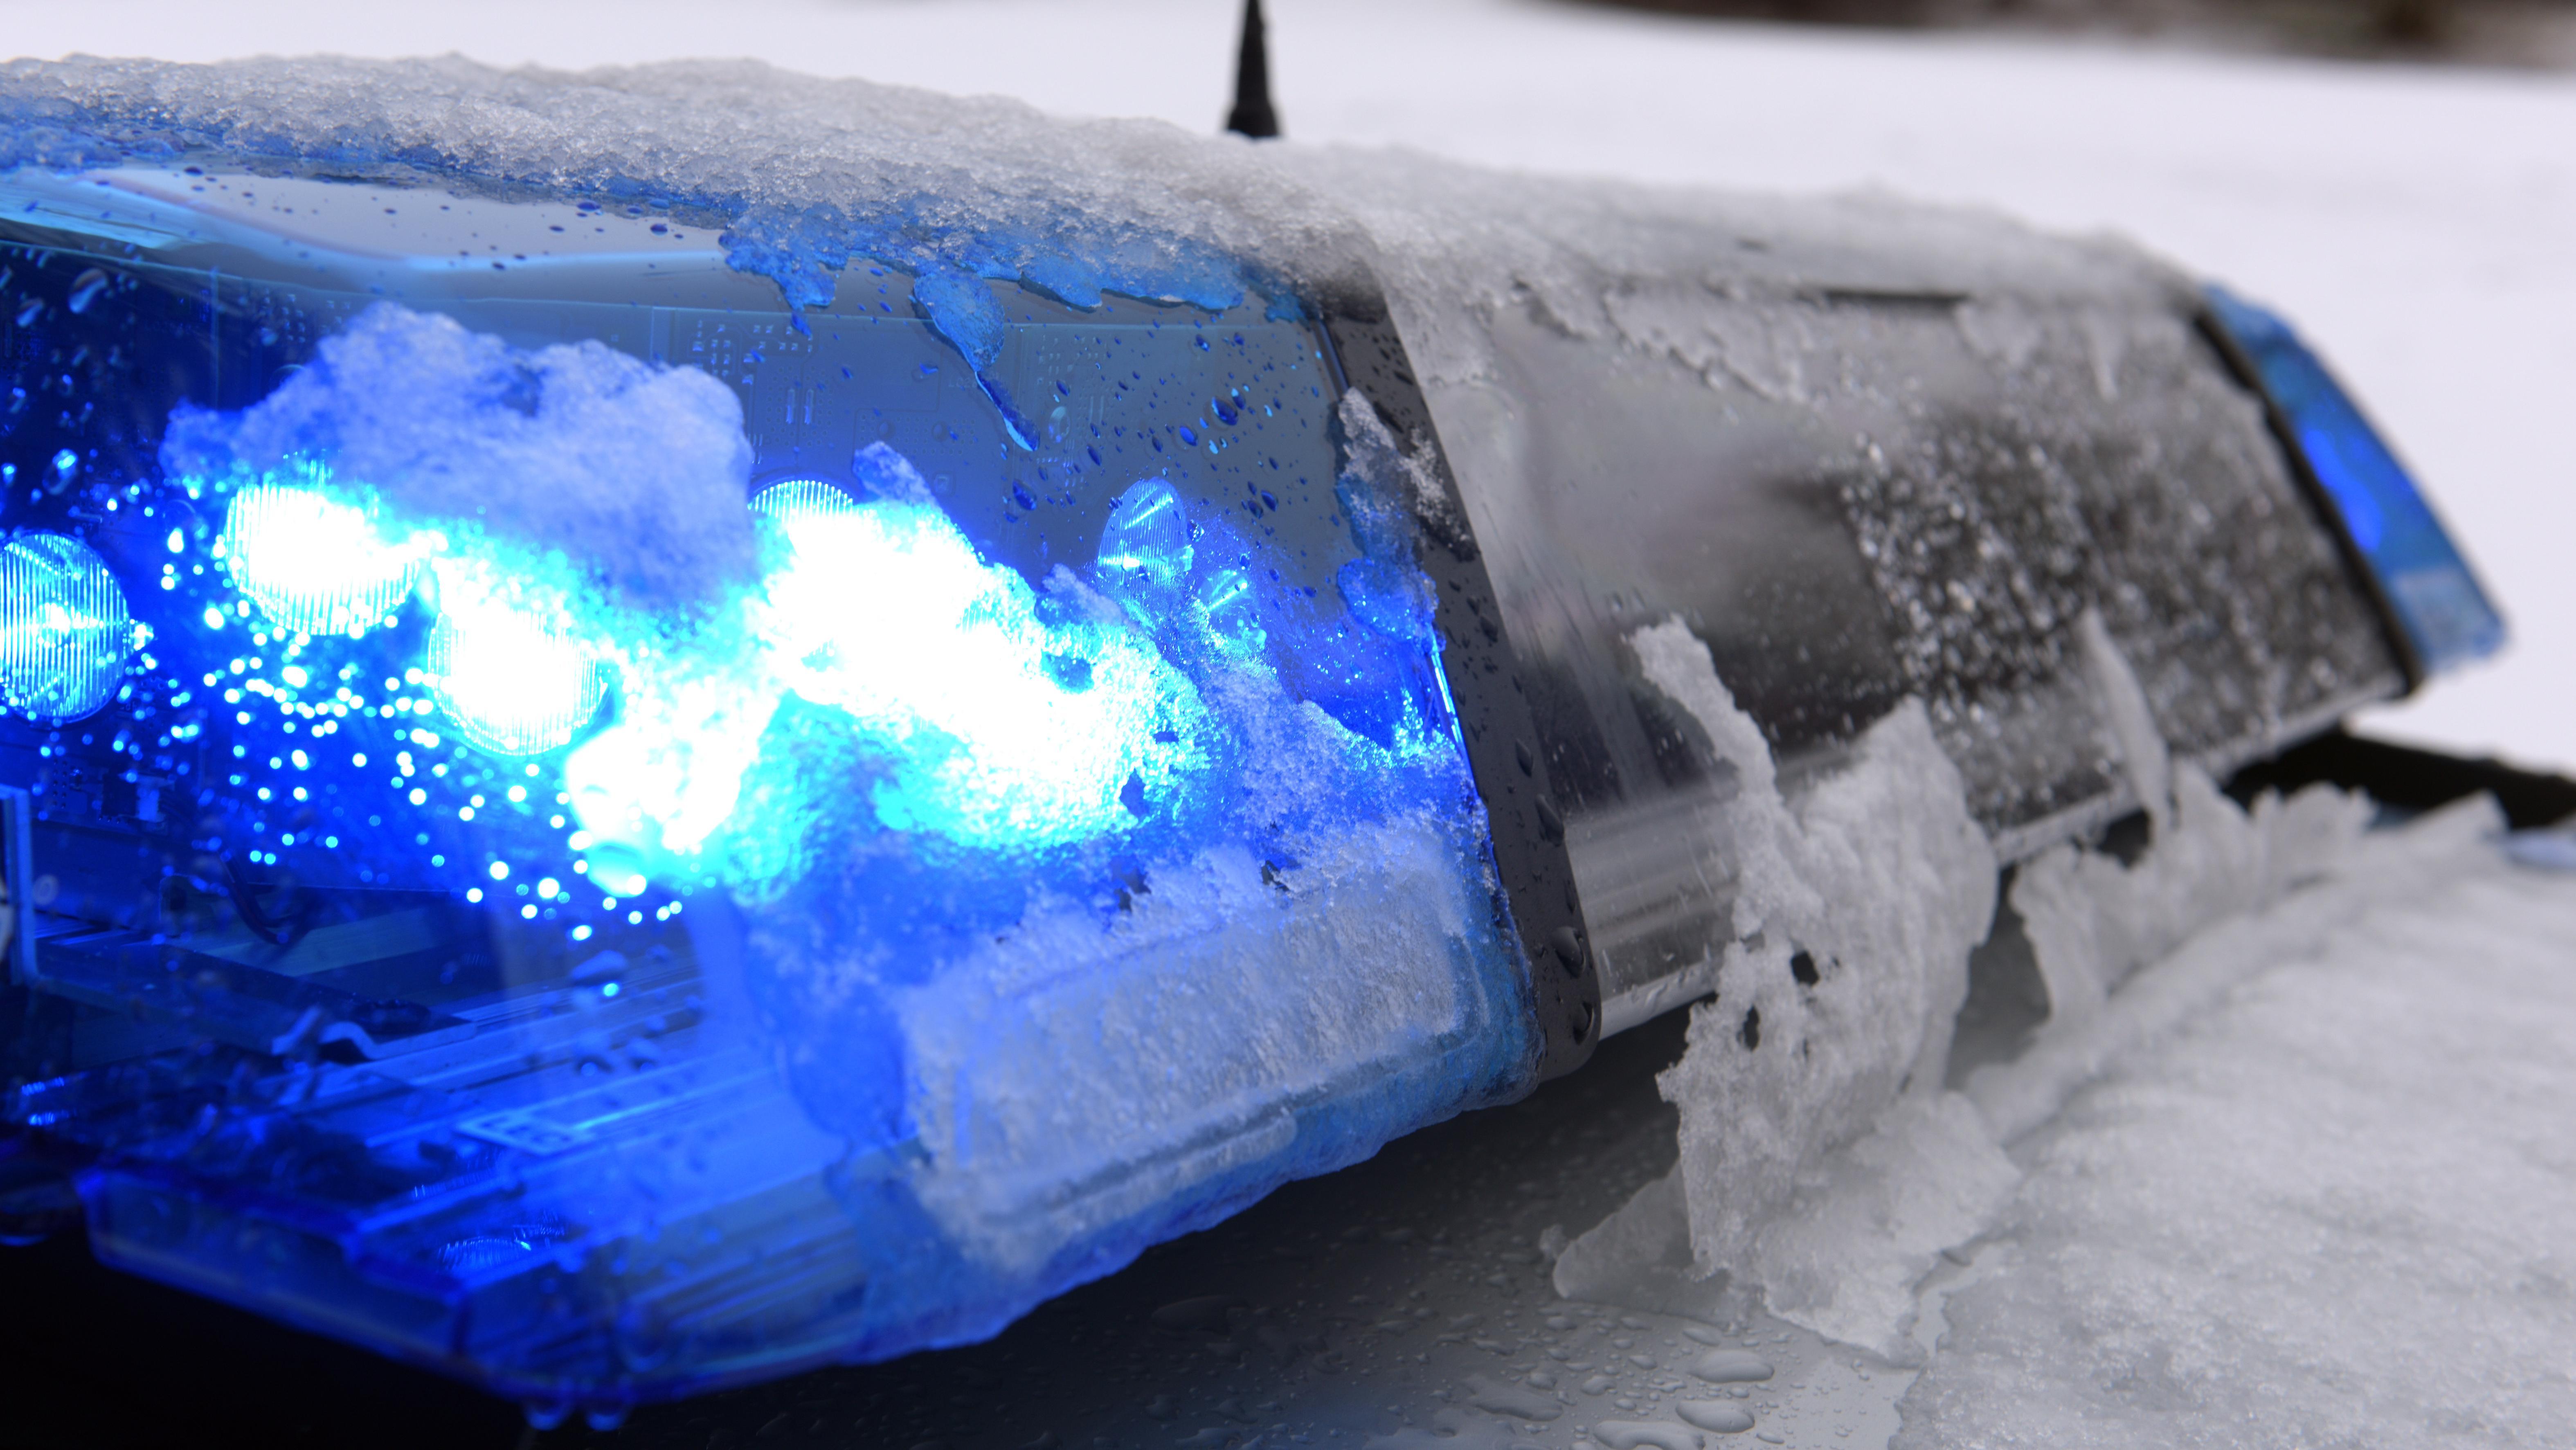 Blaulicht einer Polizei